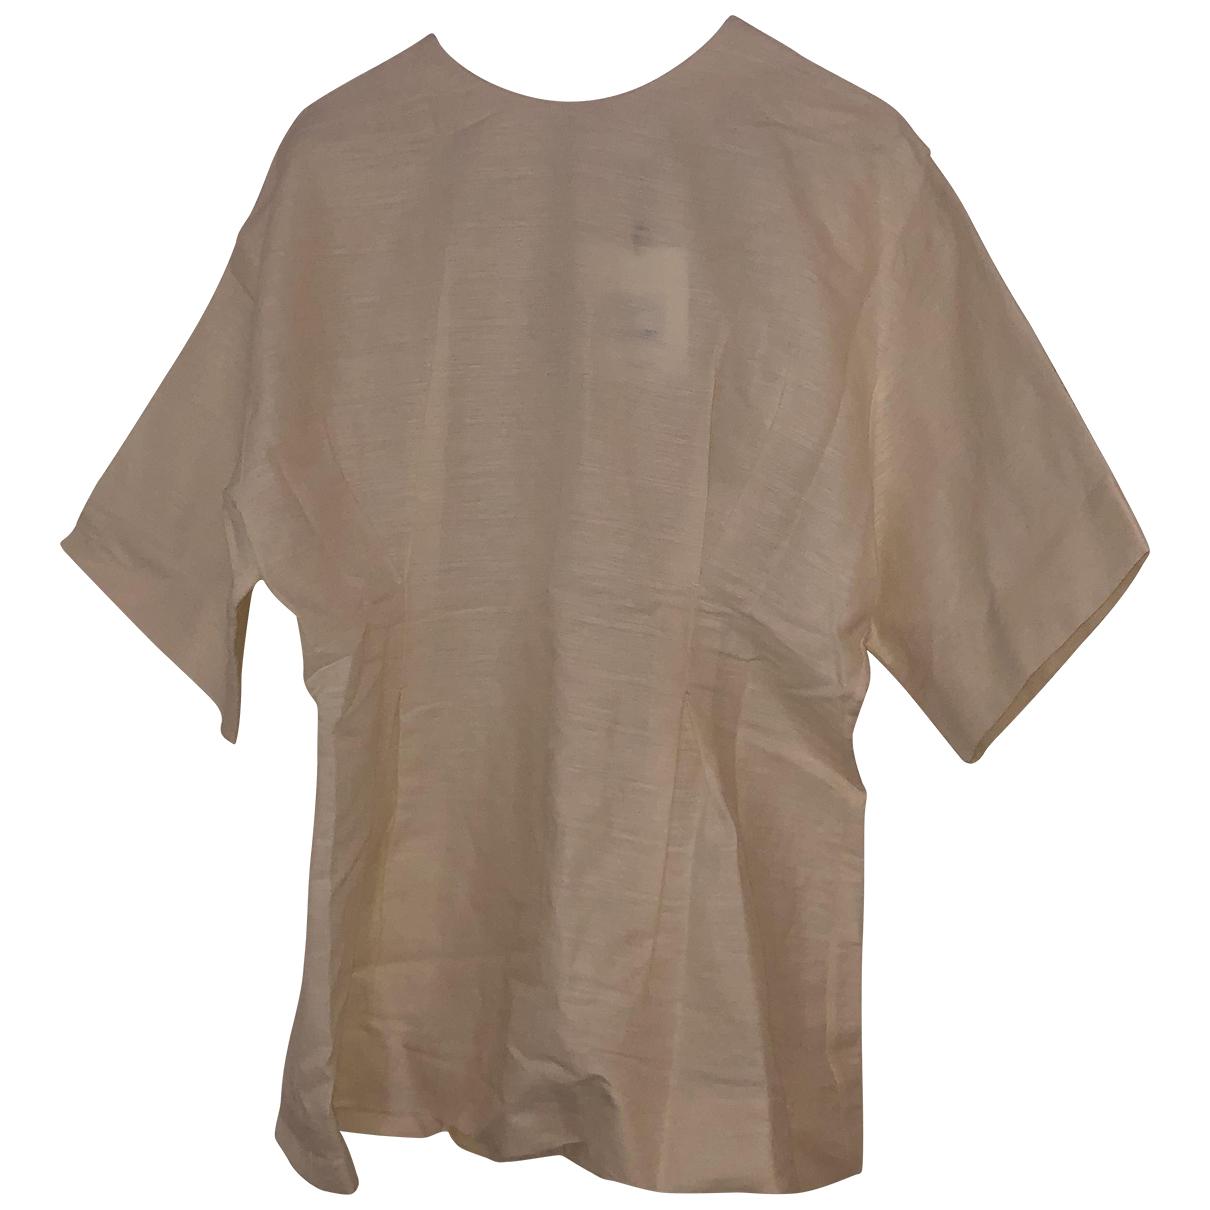 Toteme - Top   pour femme en lin - beige